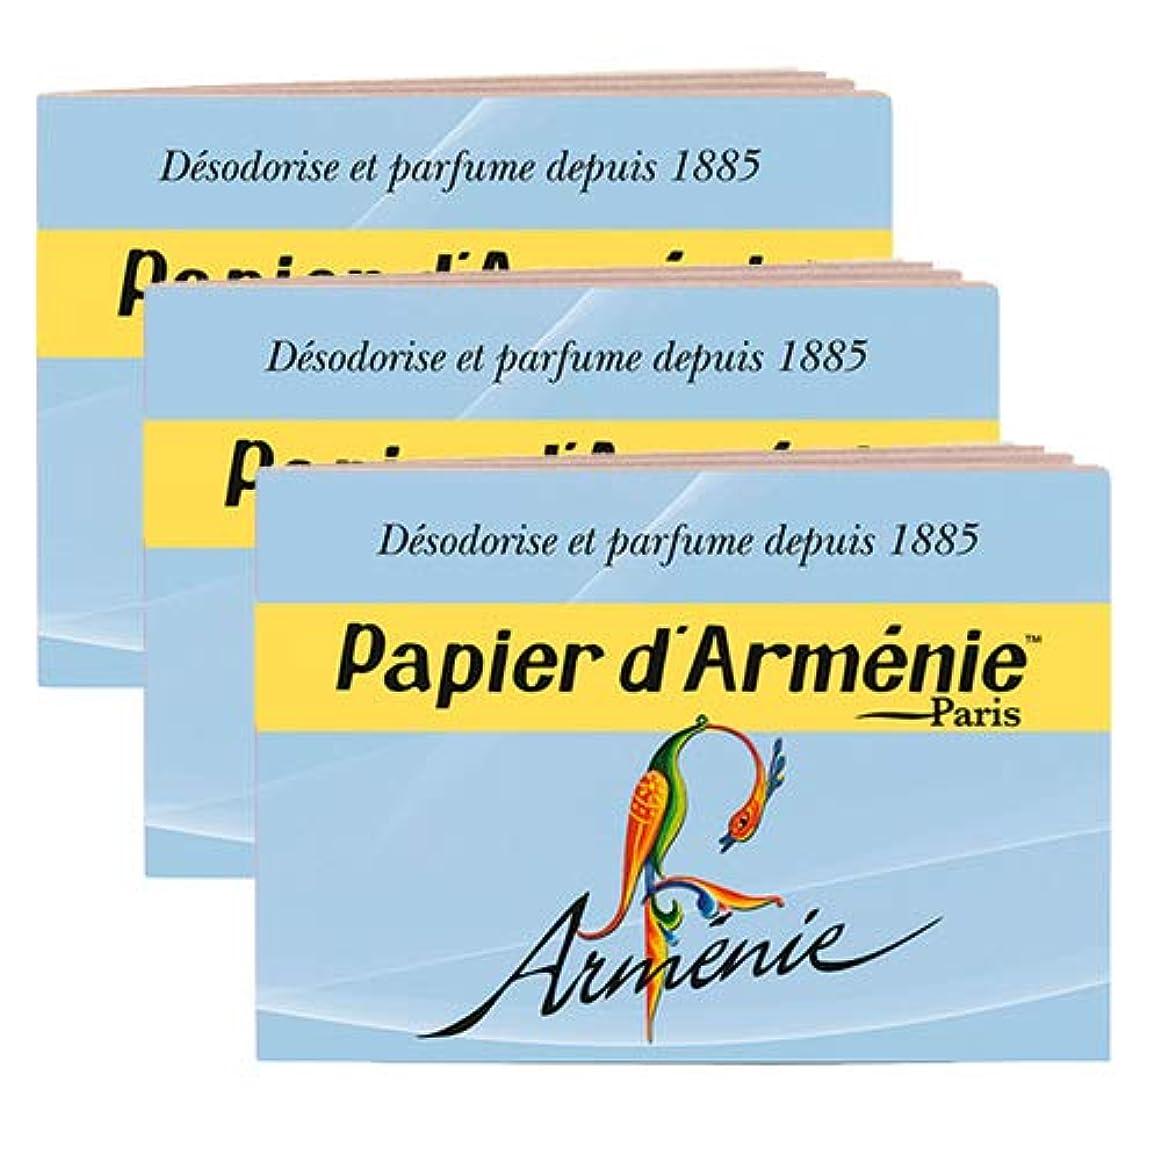 フルート無駄富豪【パピエダルメニイ】トリプル 3×12枚(36回分) 3個セット アルメニイ 紙のお香 インセンス アロマペーパー PAPIER D'ARMENIE [並行輸入品]